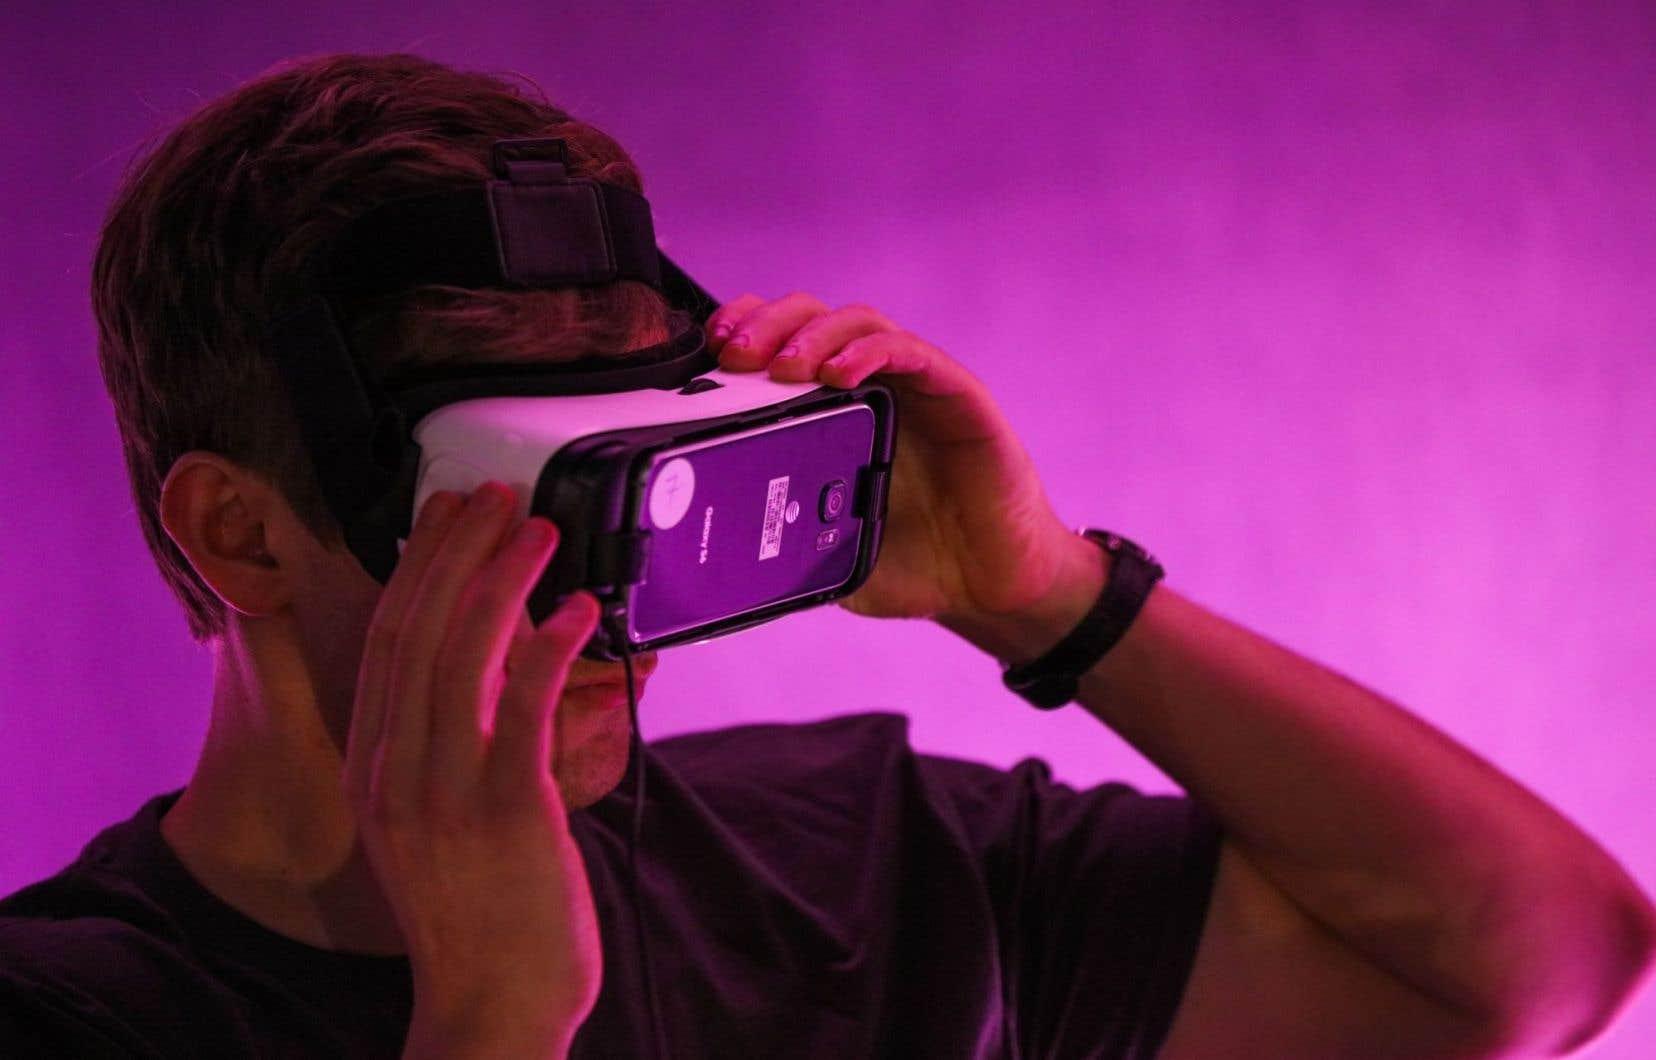 Le public aura accès gratuitement à une sélection d'oeuvres de réalité virtuelle et de nouvelles écritures, en primeurs montréalaises.